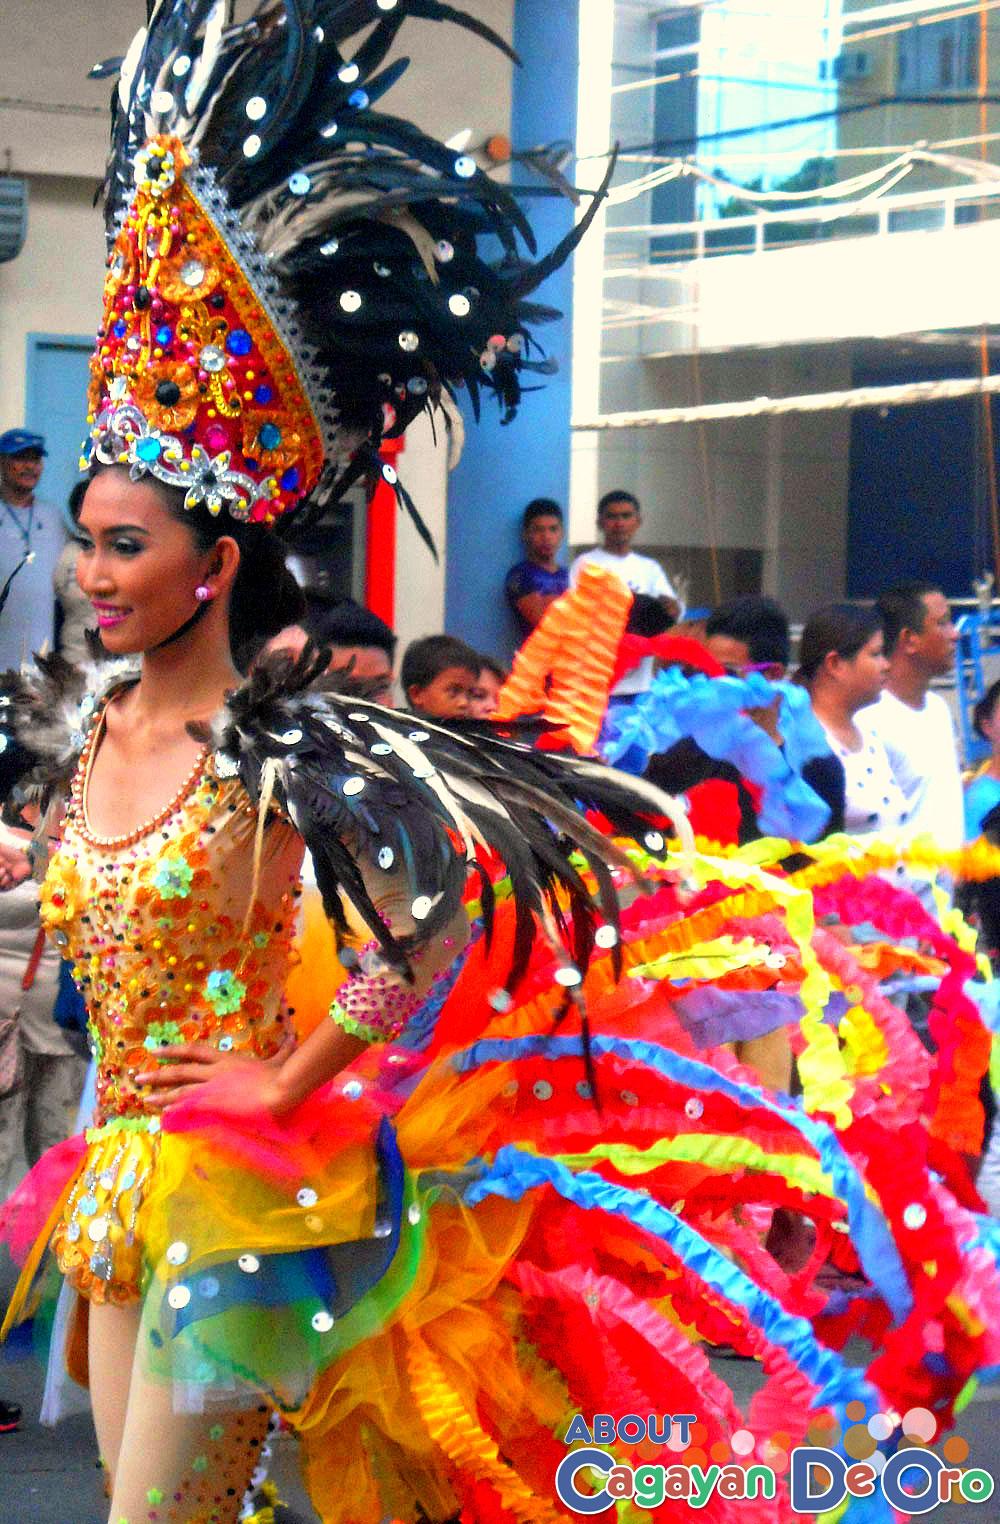 Barangay Gusa Carnival Queen - Cagayan de Oro Carnival Parade 2015